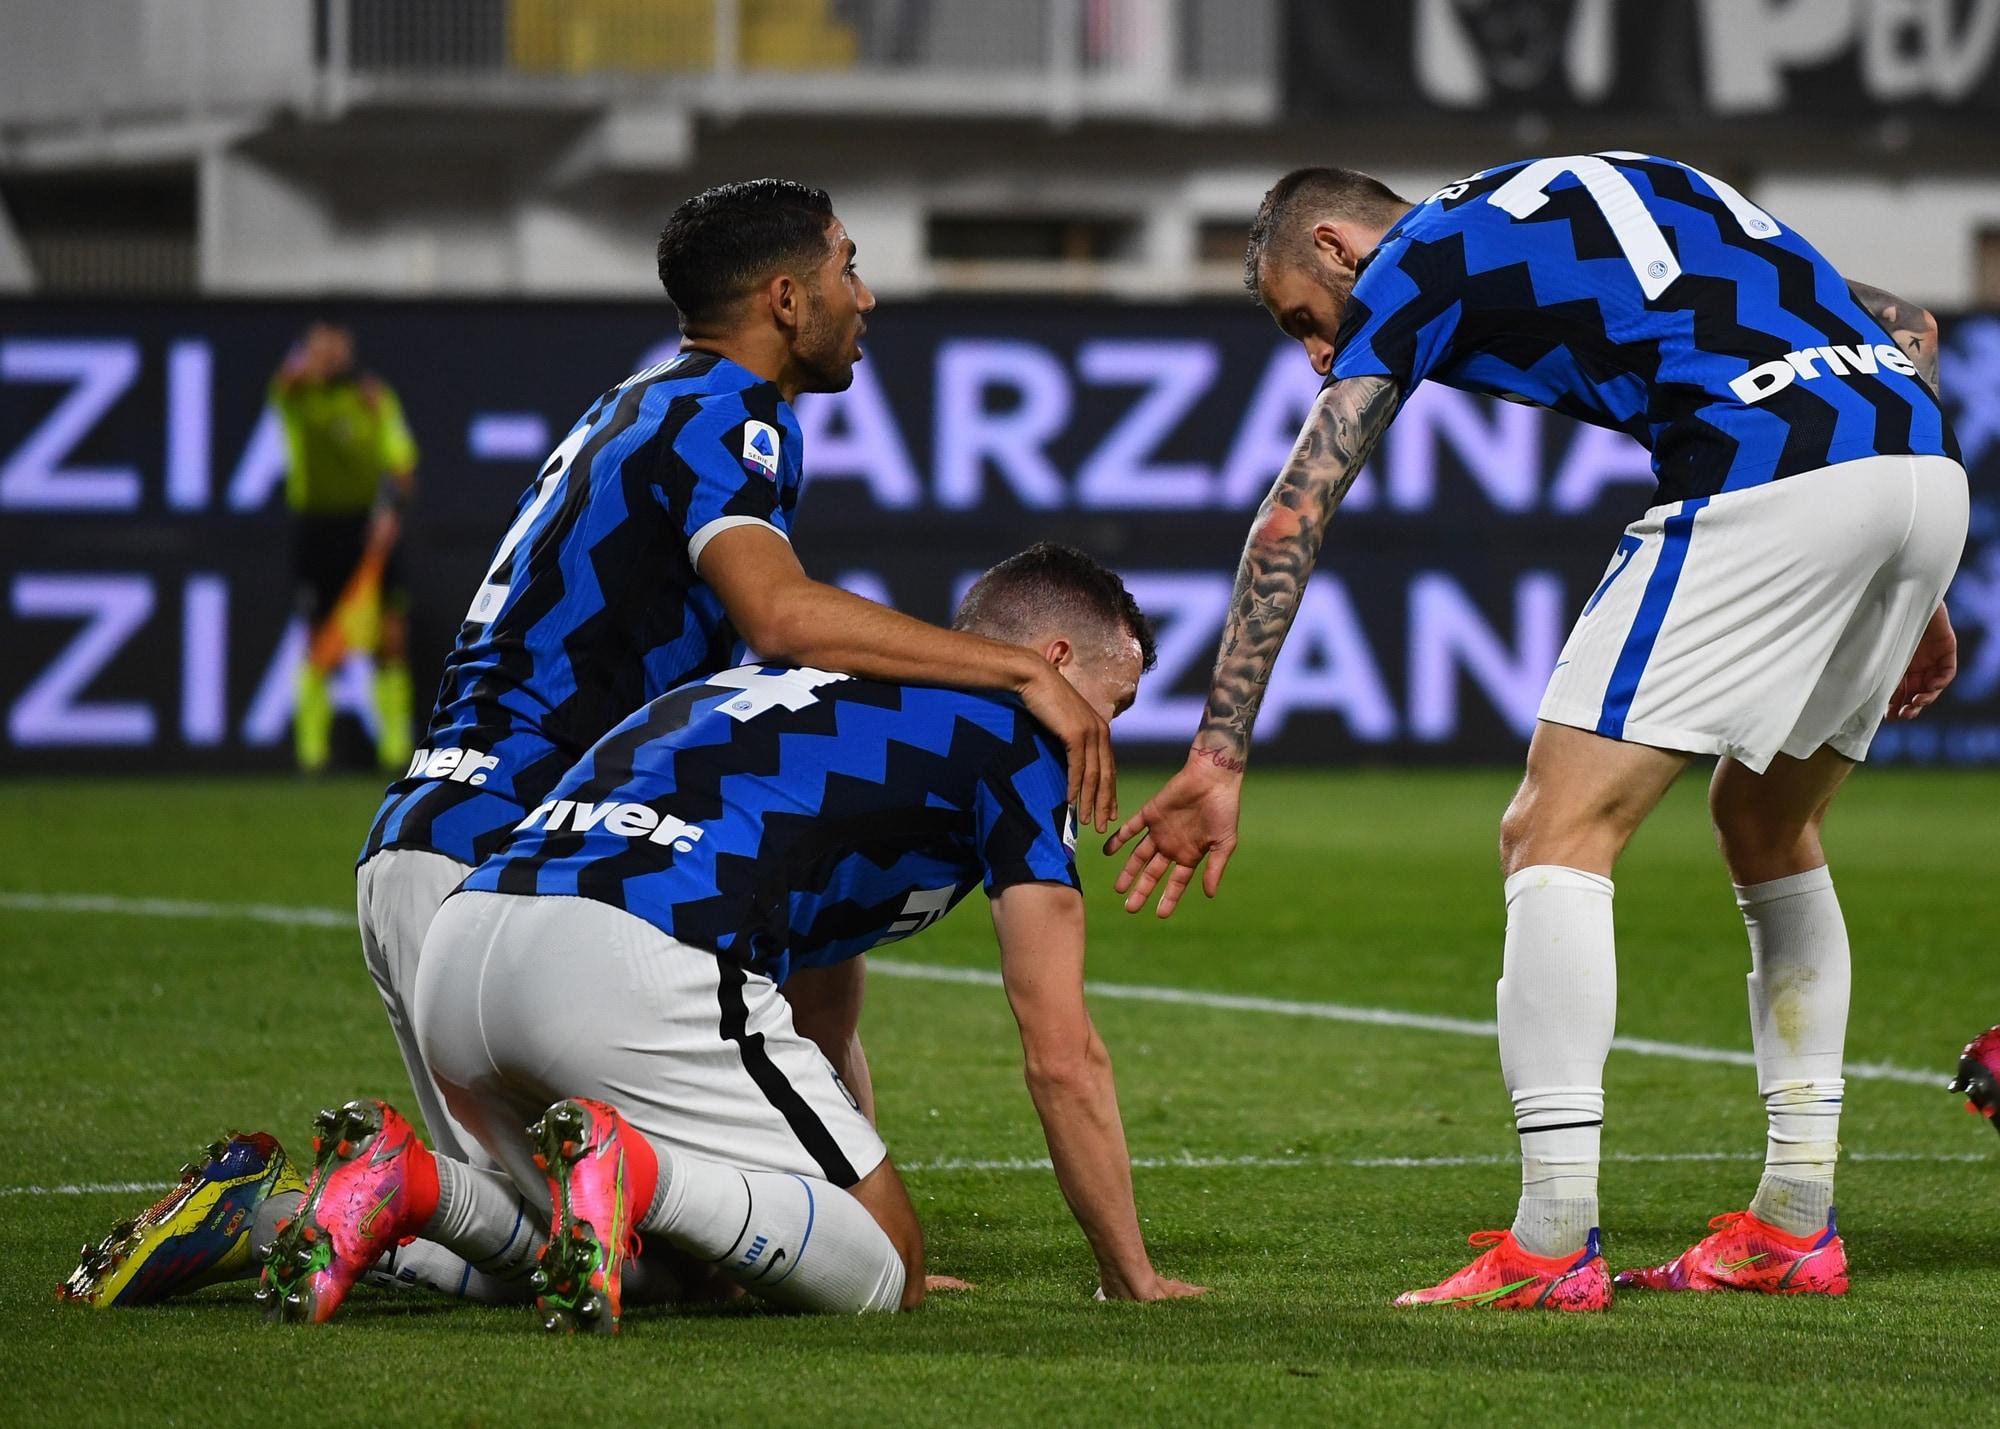 L'Inter ringrazia Perisic, ma frena con lo Spezia: +10 sul Milan